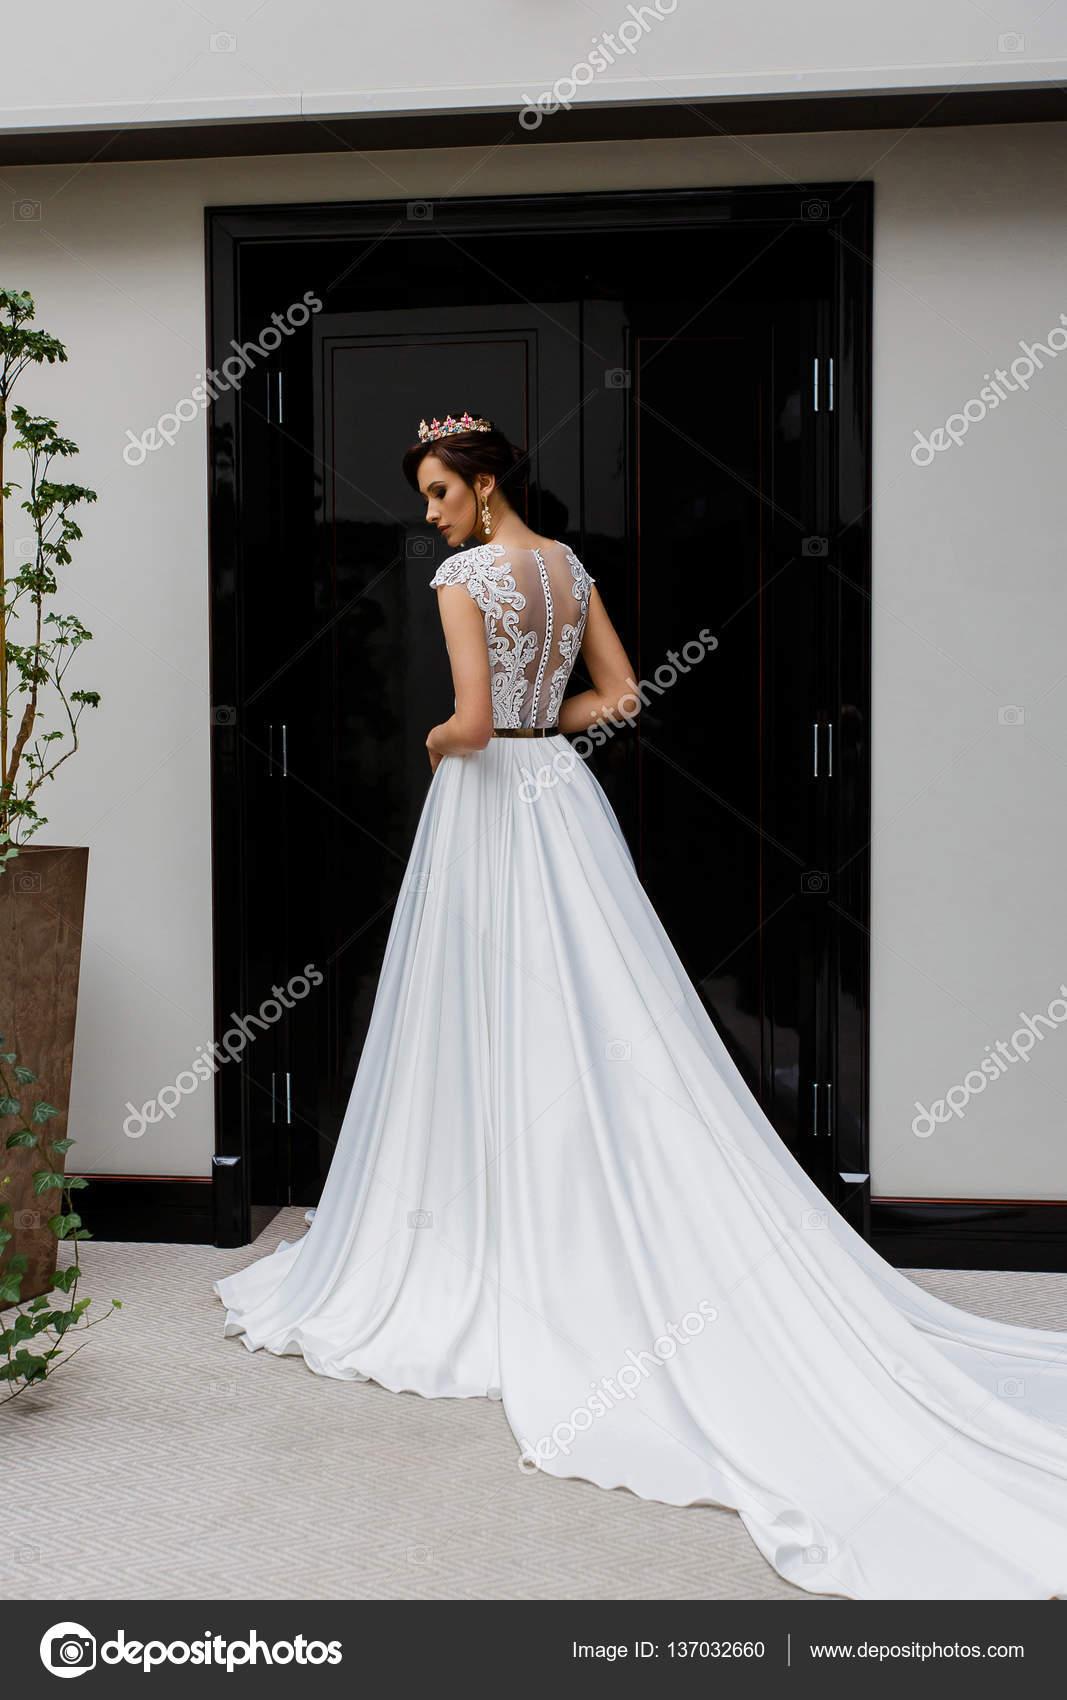 Junge attraktive Modell weibliche Posen in langen weißen Brautkleid ...